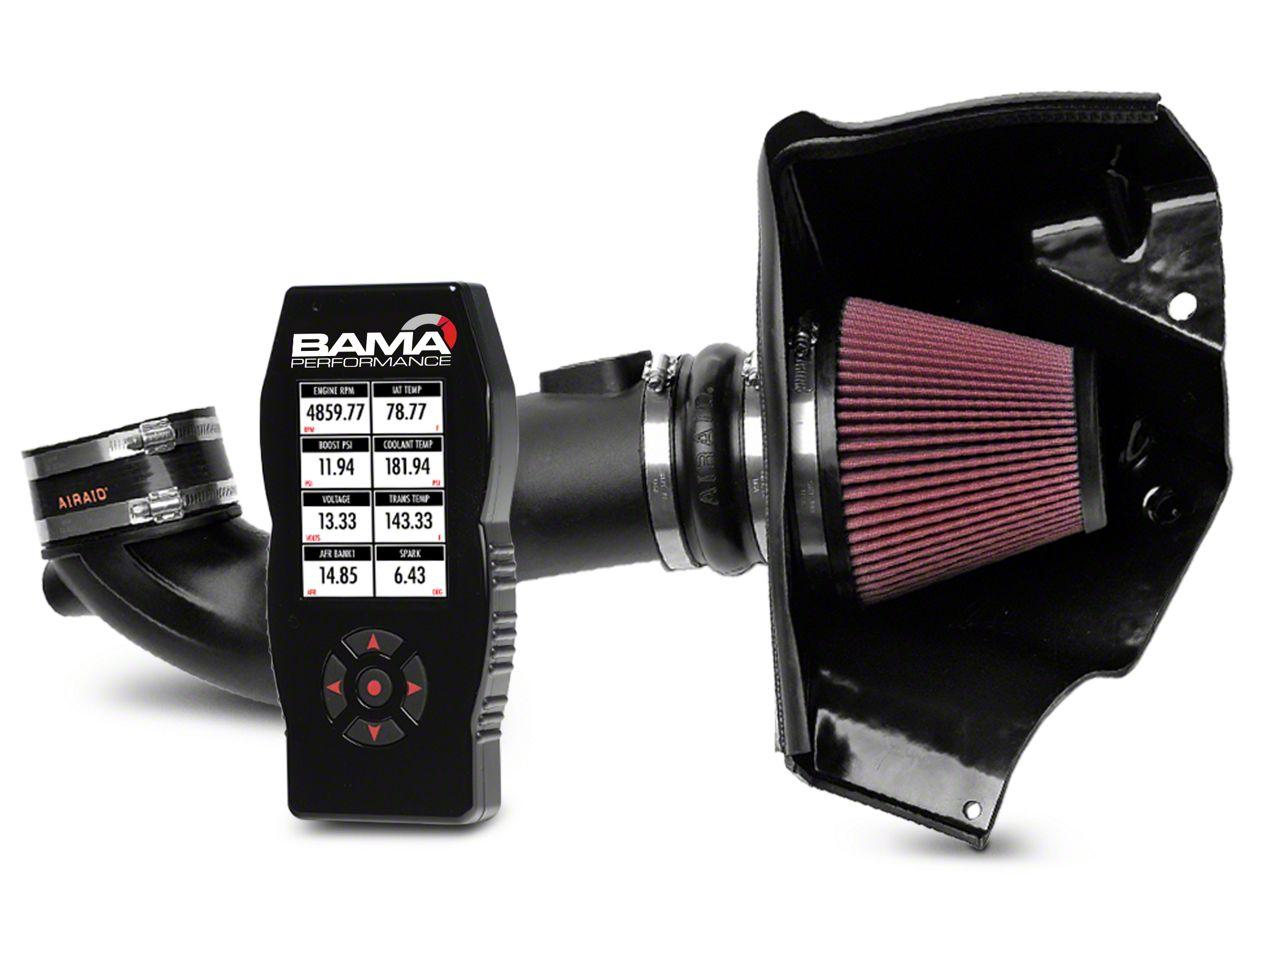 Airaid Race Cold Air Intake & BAMA X4 Tuner (05-09 GT)